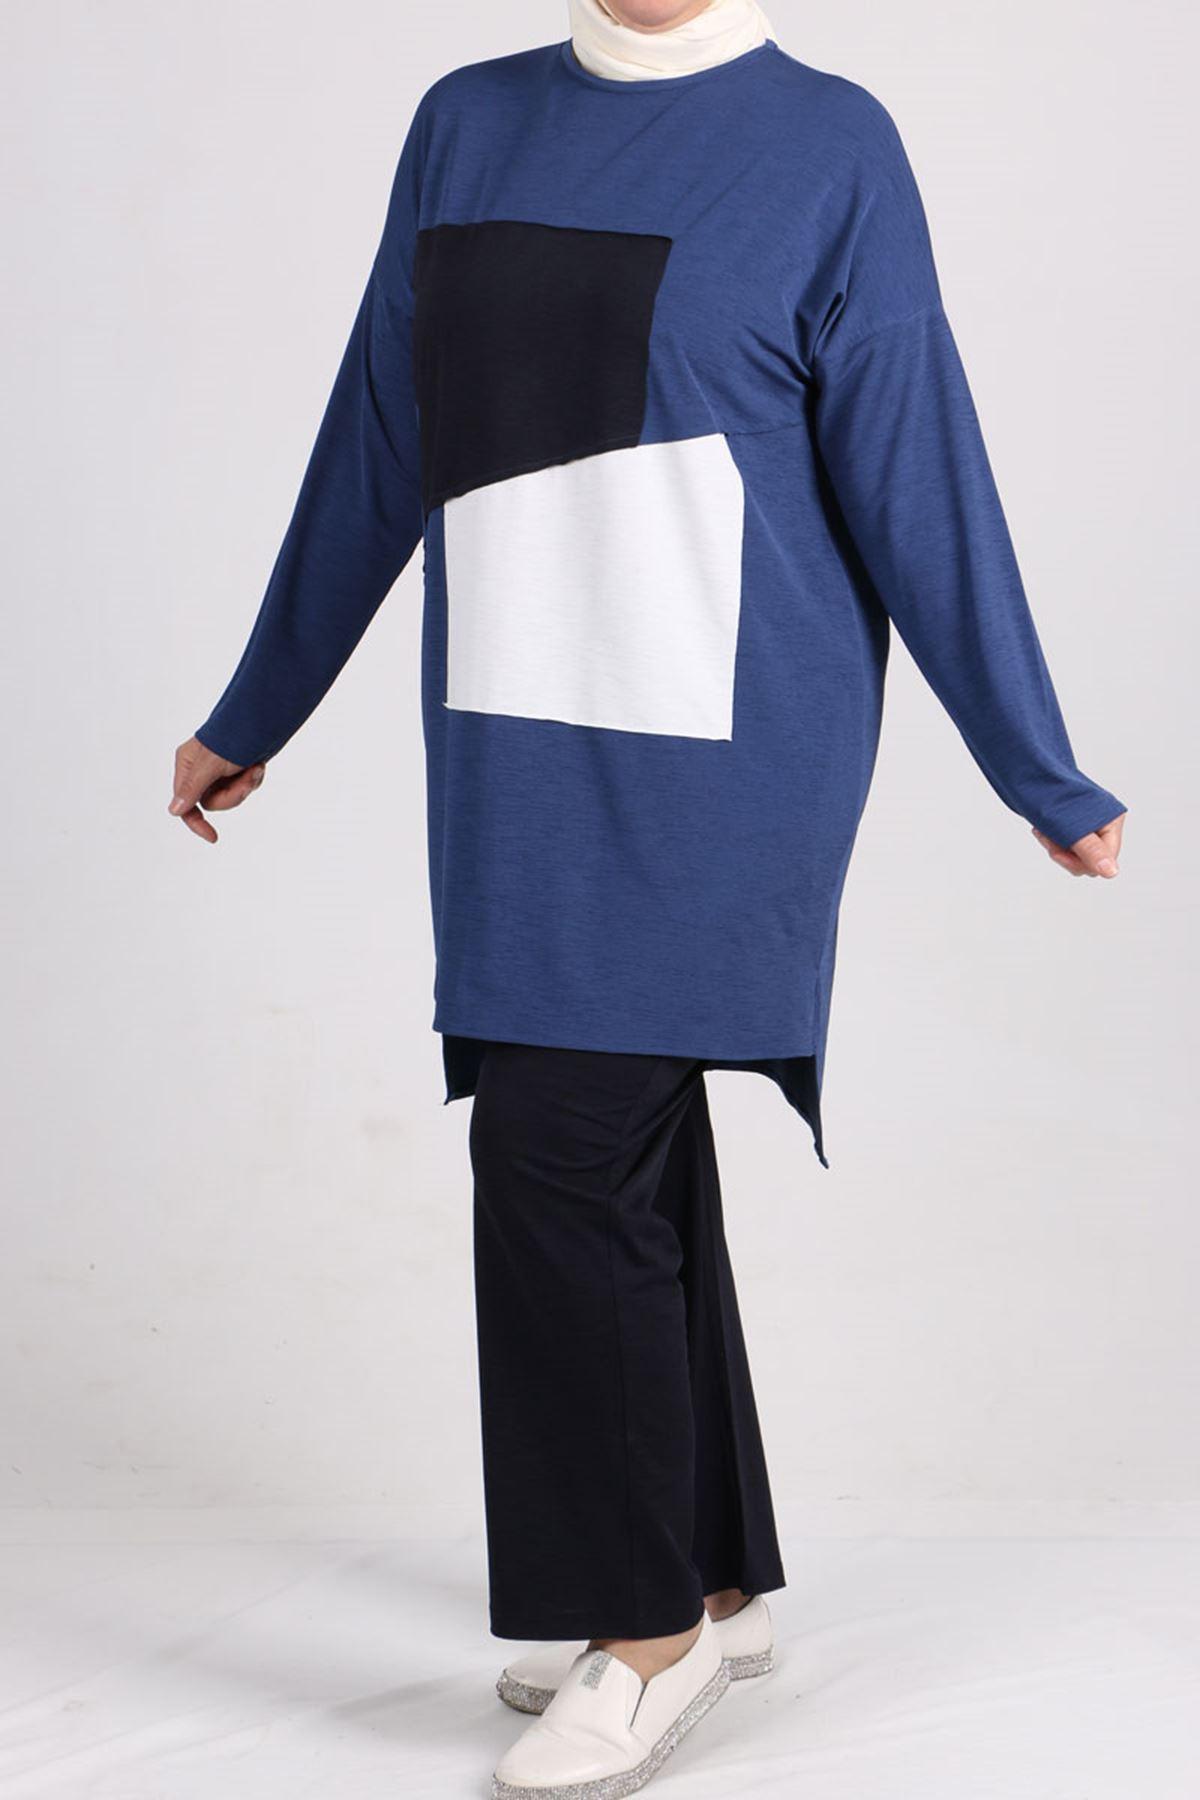 7696 Büyük Beden Renk Kombinli Mina Pantalonlu Takım  İndigo-Lacivert